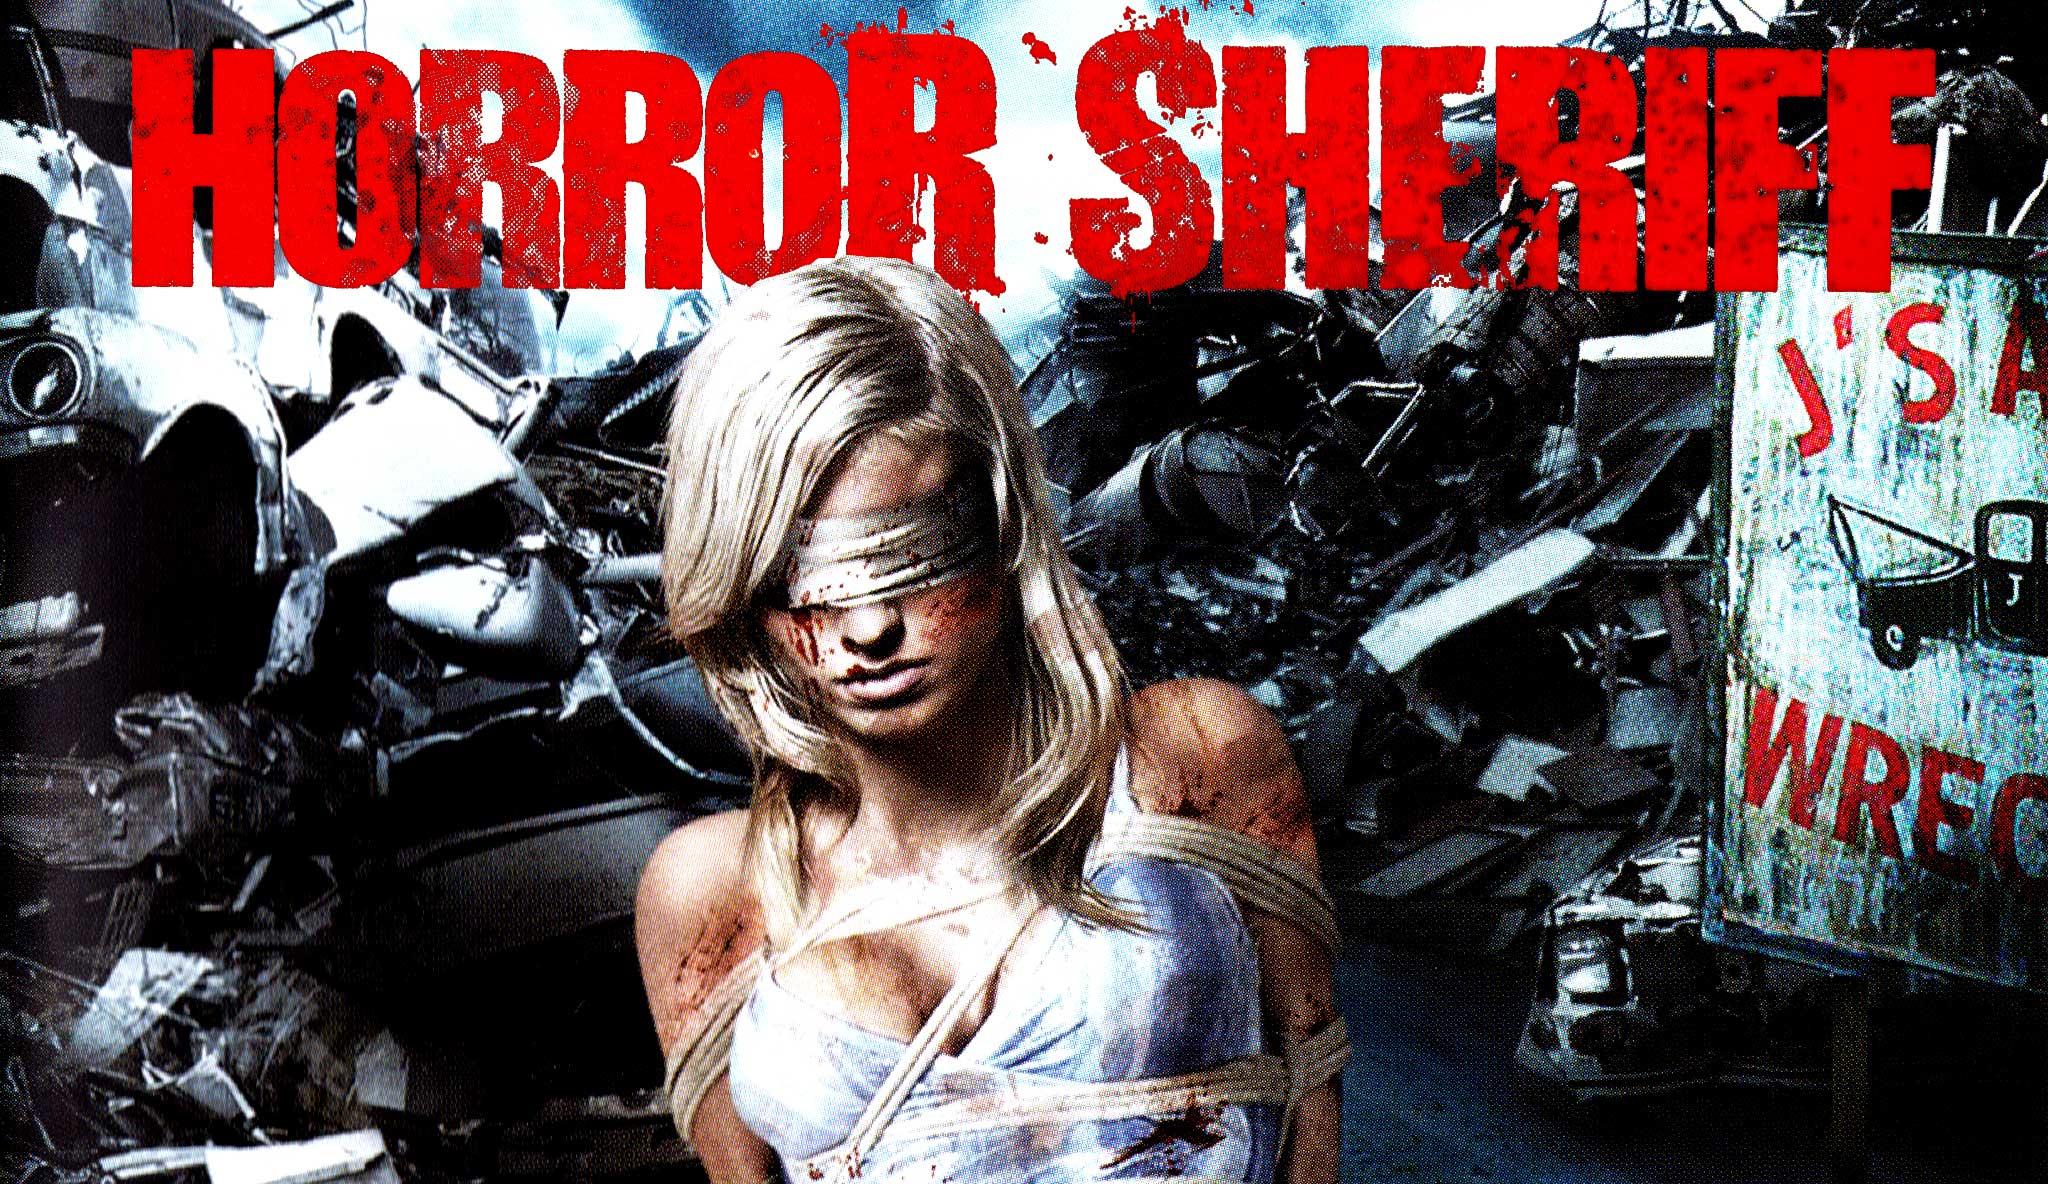 horror-sheriff\header.jpg